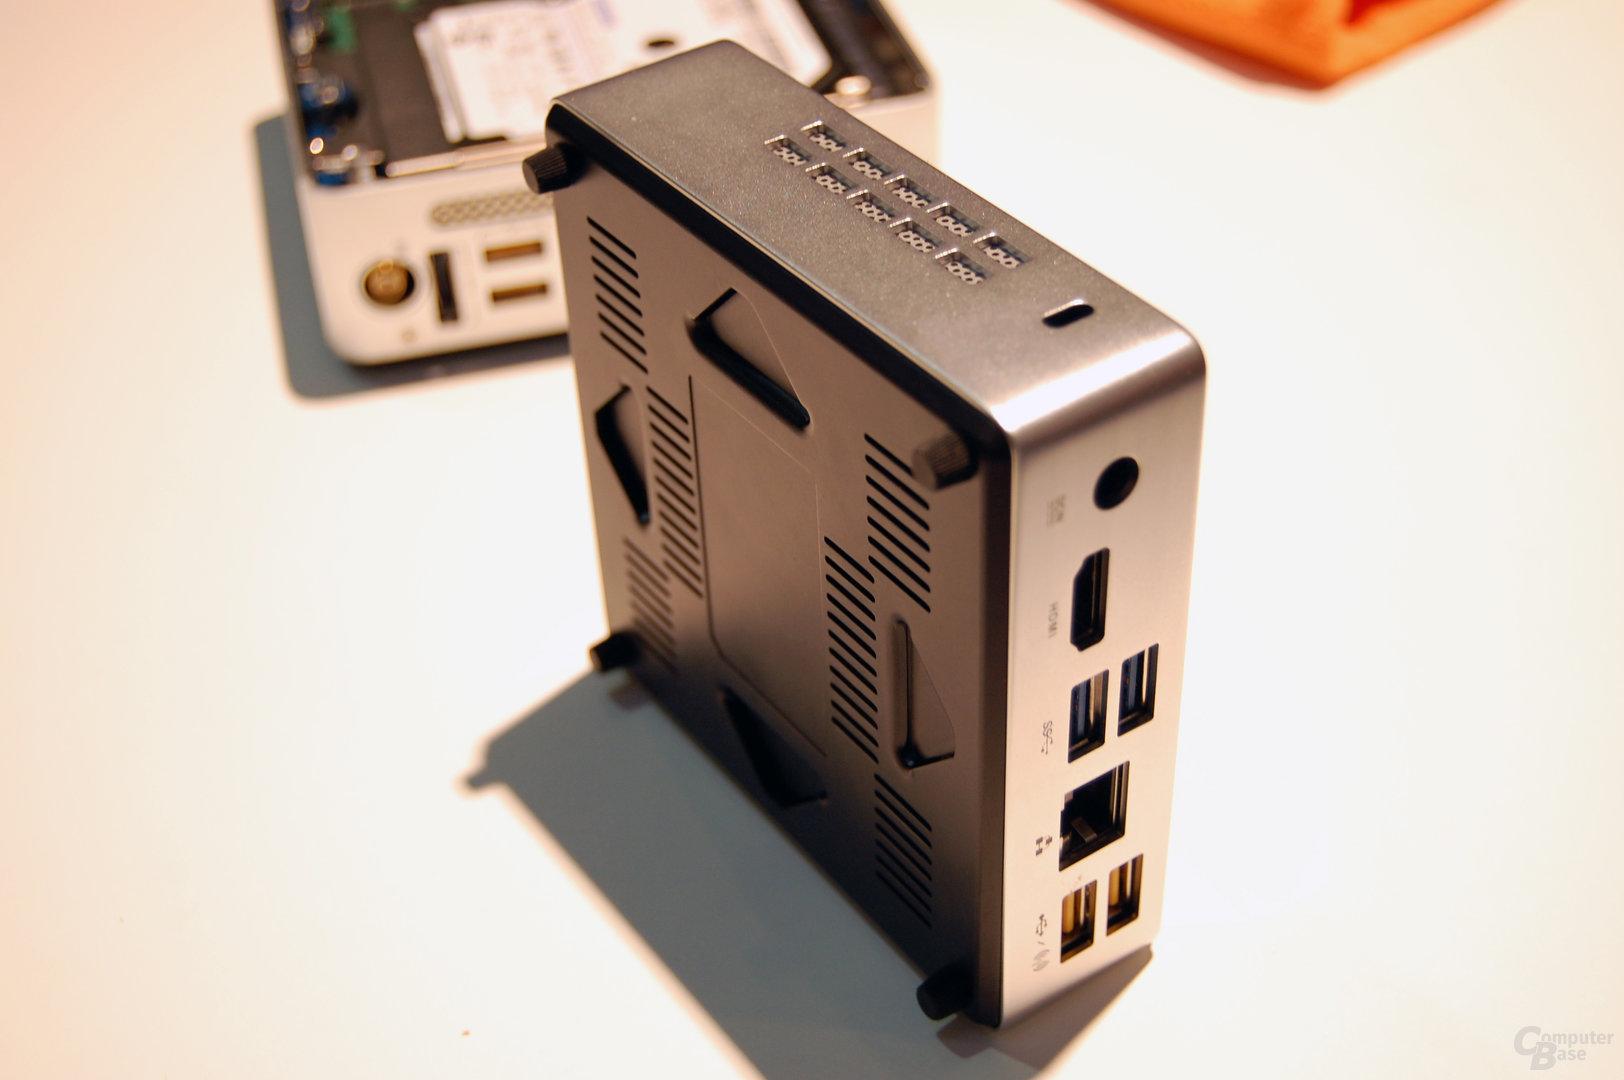 Prototyp einer kleineren Zotac ZBox mit SSD und unbekannter CPU und Chipsatz